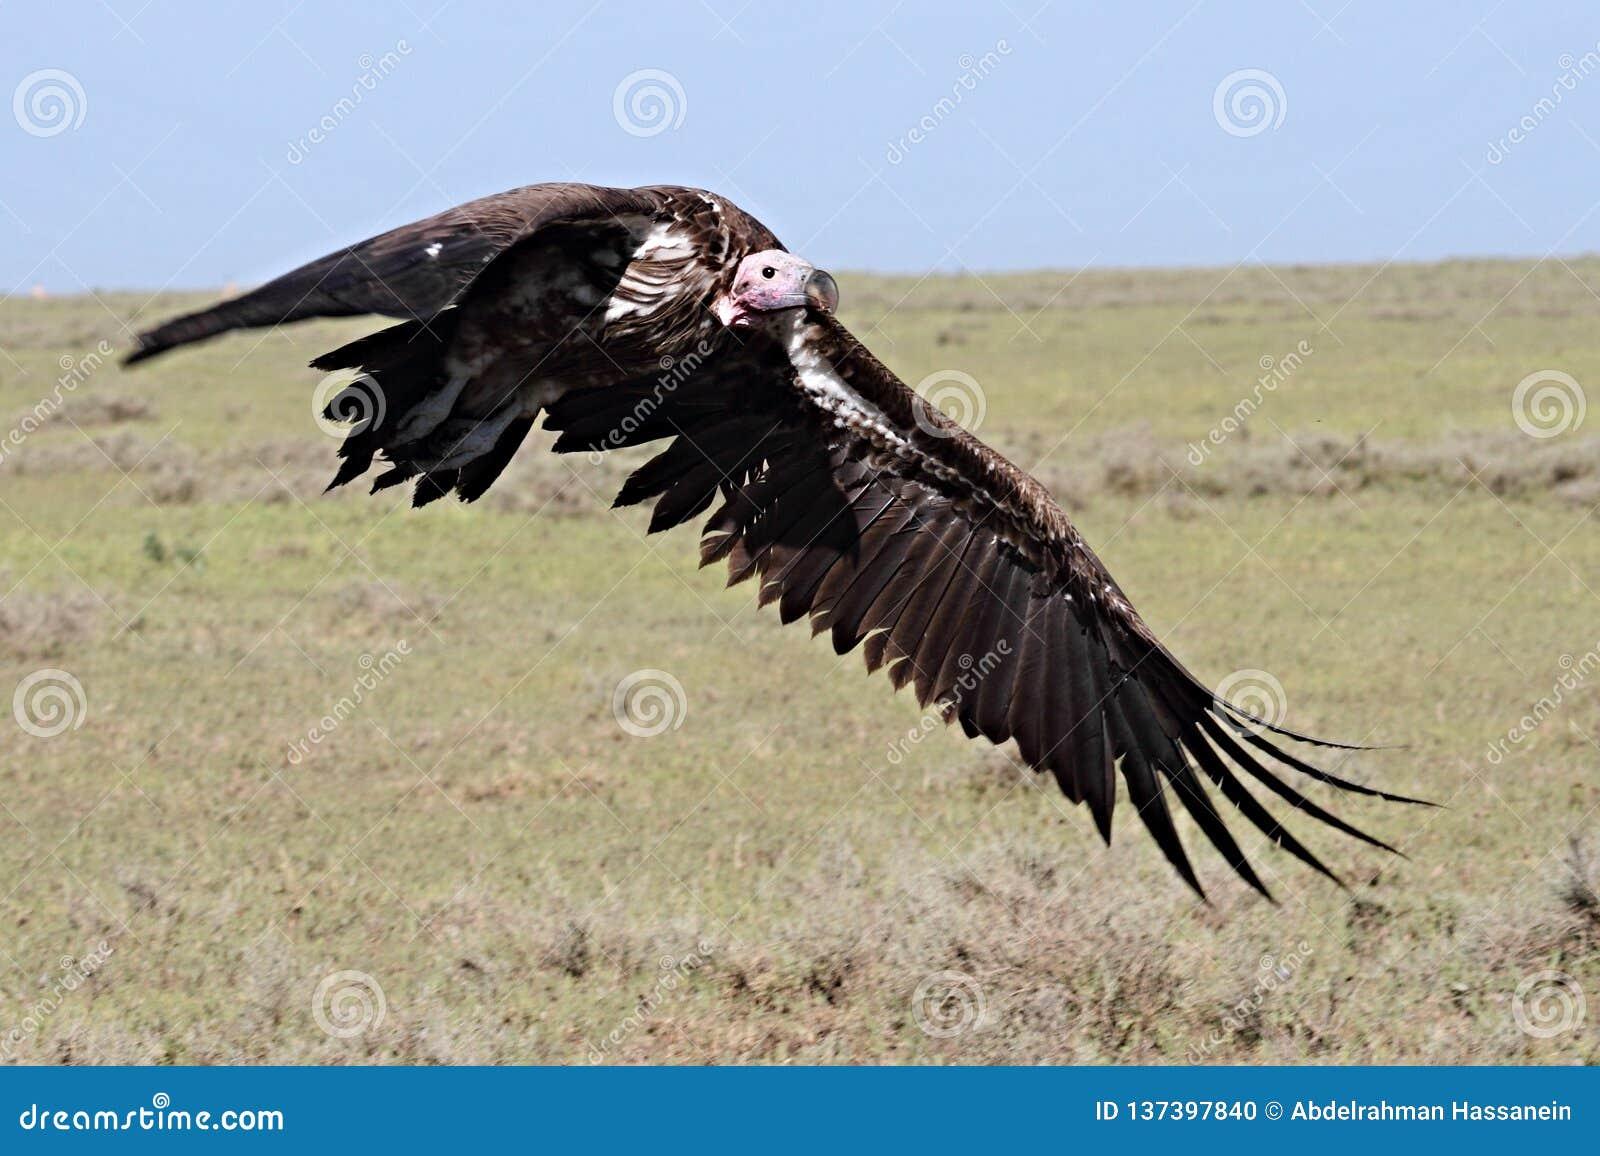 Slip onder ogen gezien gier die voorbereidingen treffen te landen